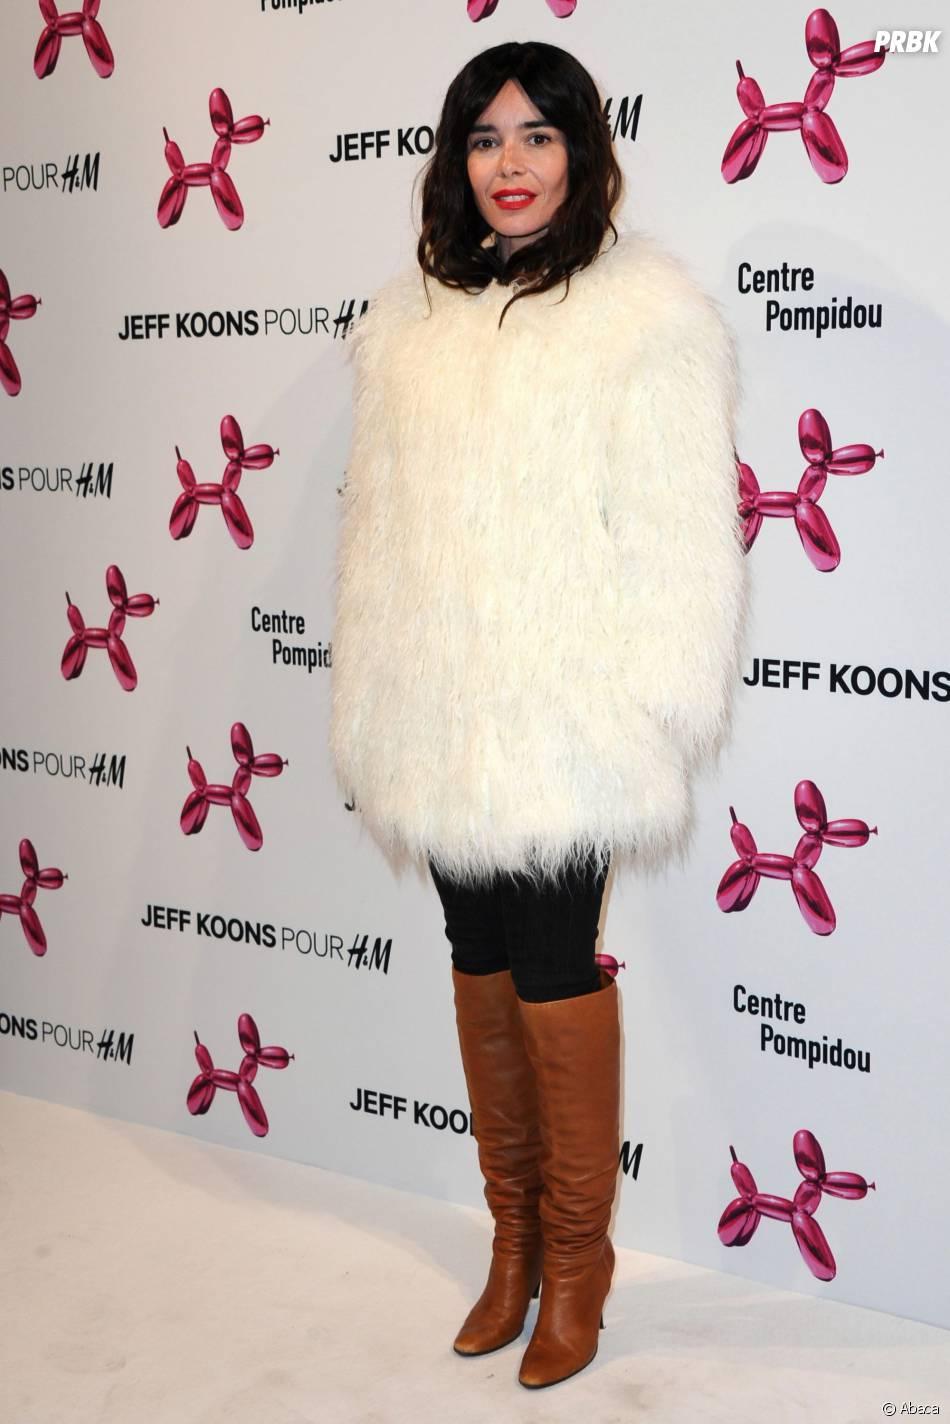 Elodie Bouchez à la soirée Jeff Koons pour H&M, le 9 décembre 2014 au Centre Pompidou